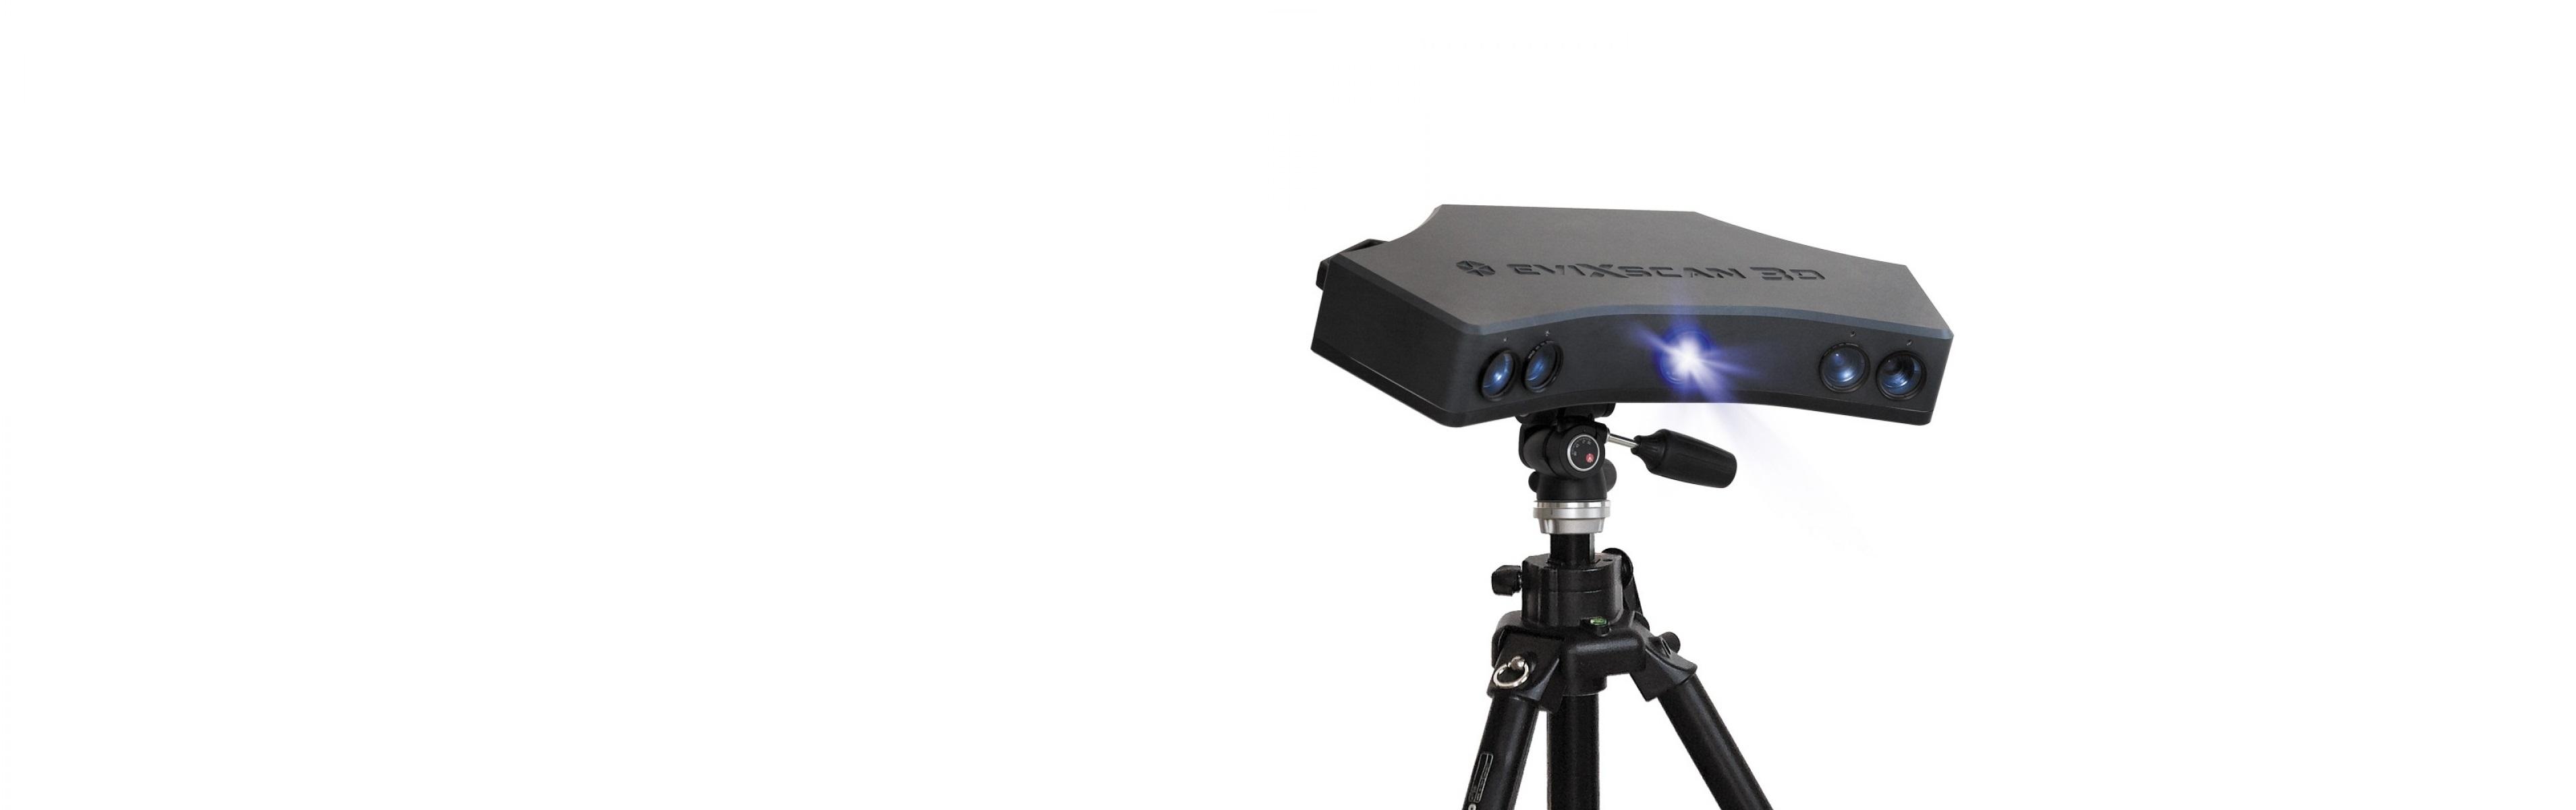 evatronix-evixscan-scanner-kopf